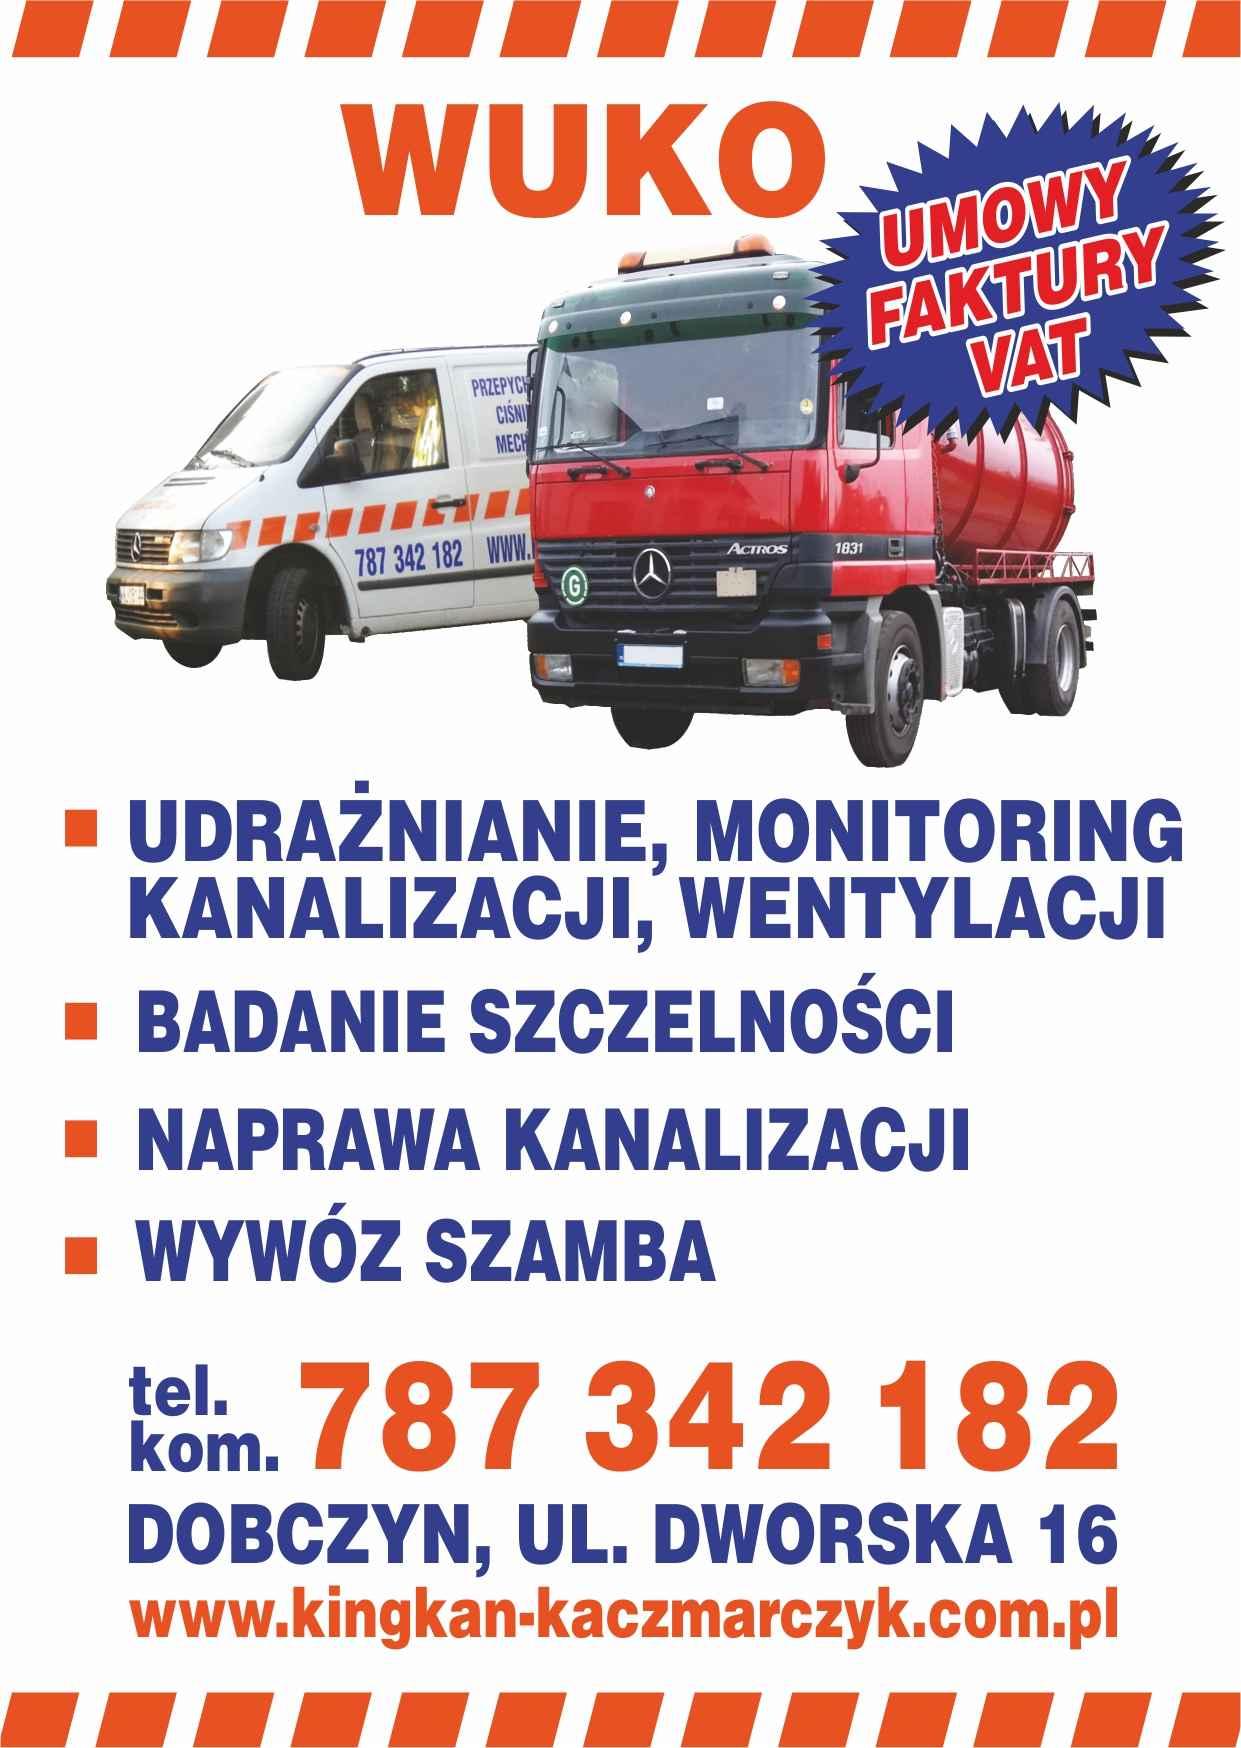 odtykanie rur kanalizacji, Wuko Pomoc kanalizacyjna monitoring kamerą Wołomin - zdjęcie 1